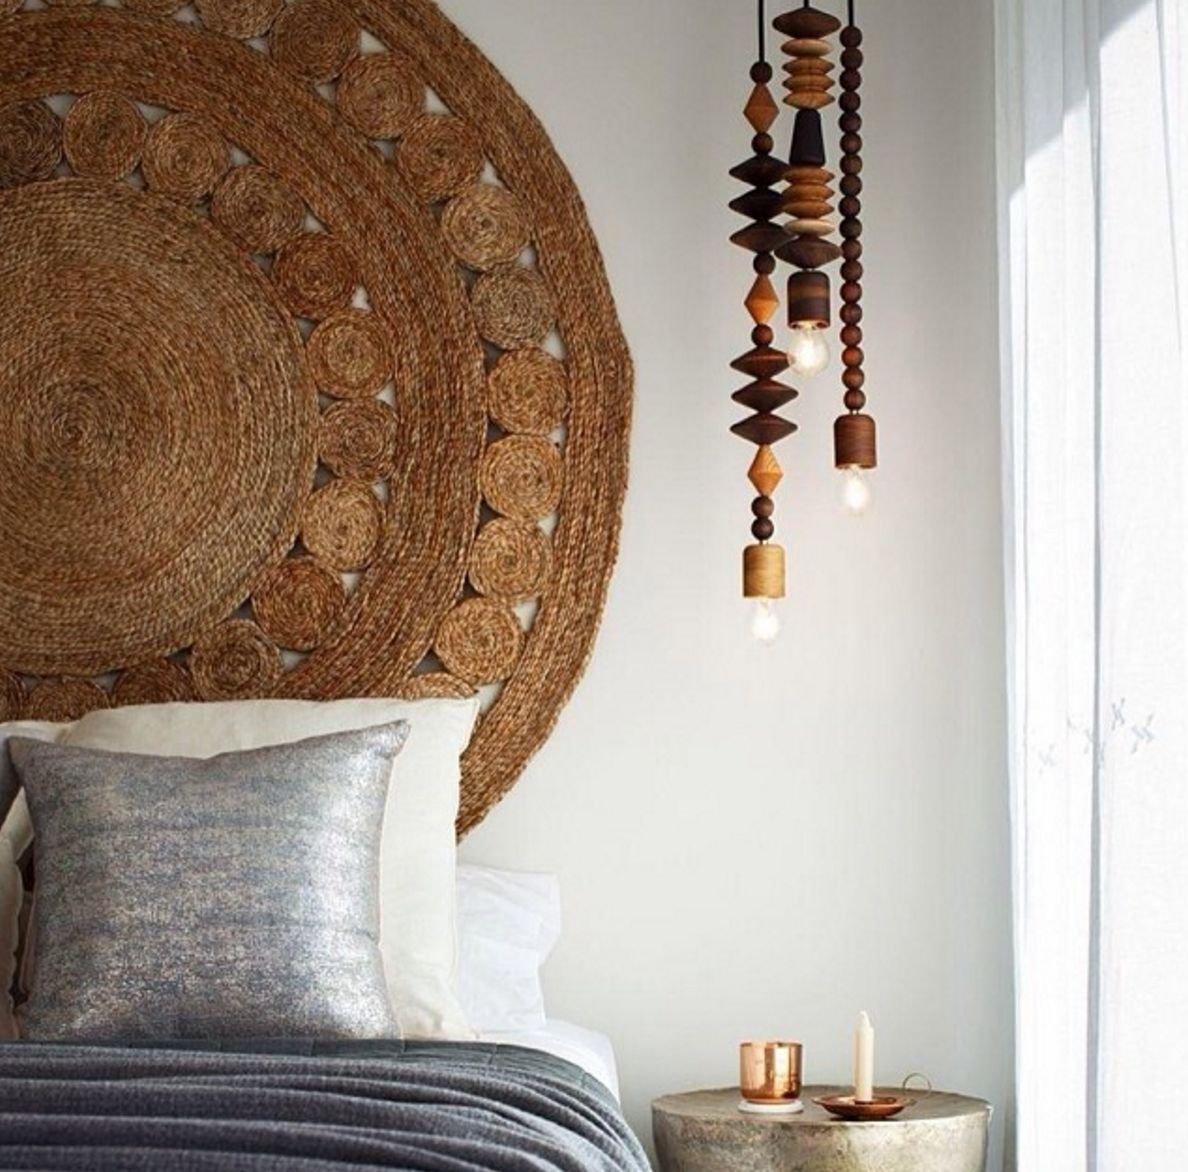 Idee Testiera Letto Matrimoniale 21 idee per una testata del letto alternativa - casa.it